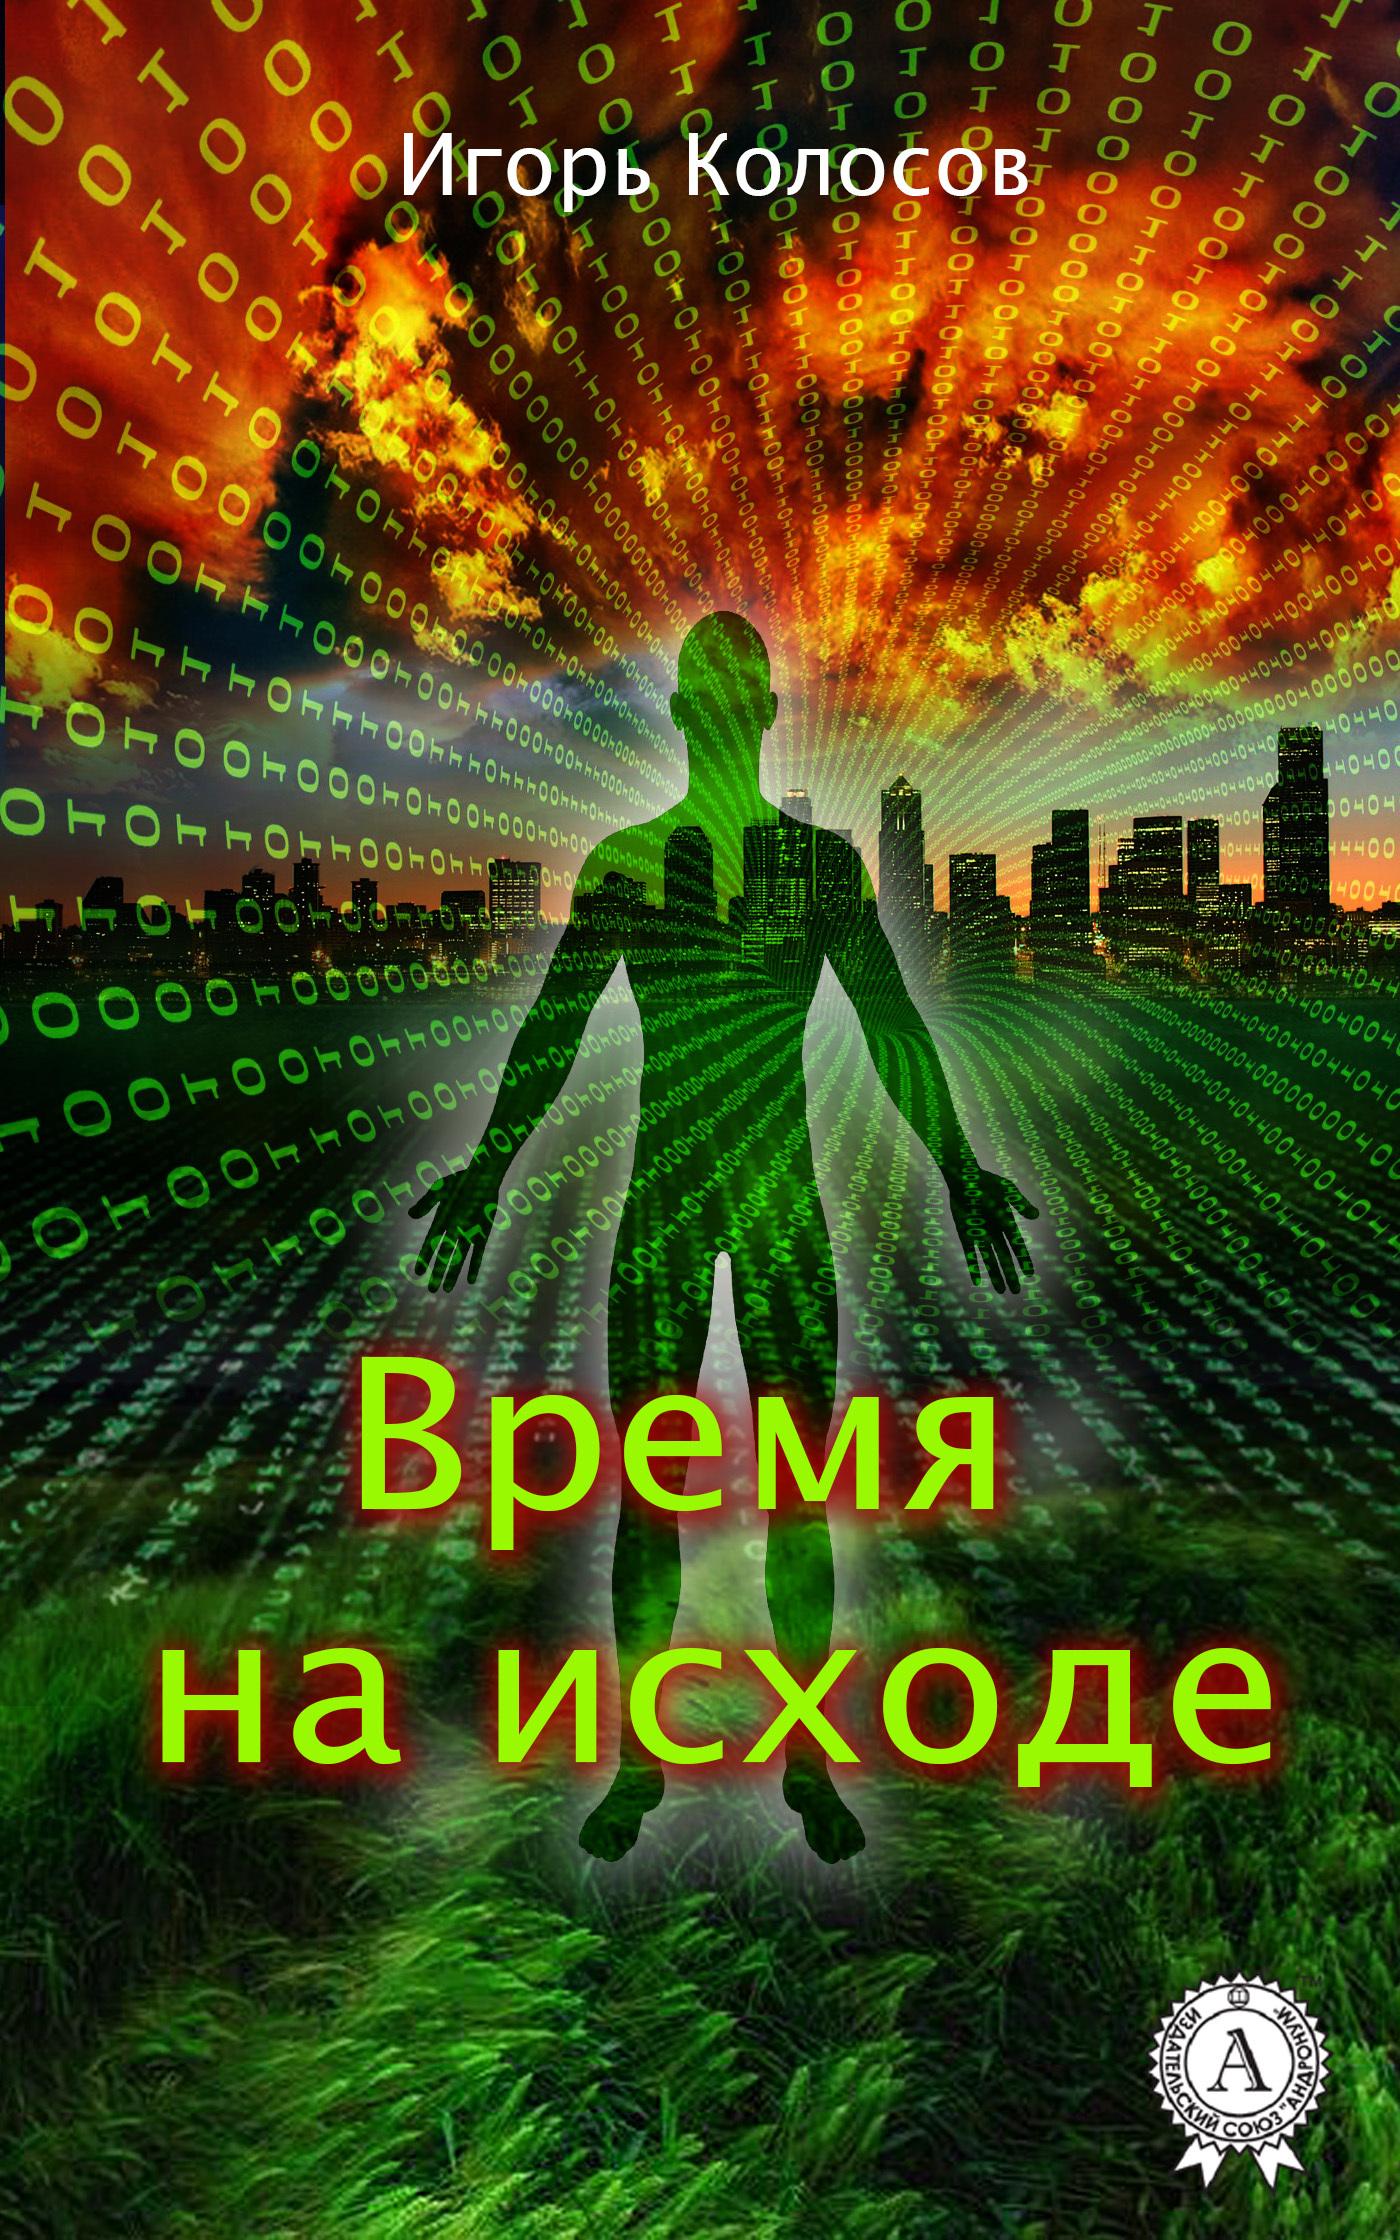 Игорь Колосов бесплатно